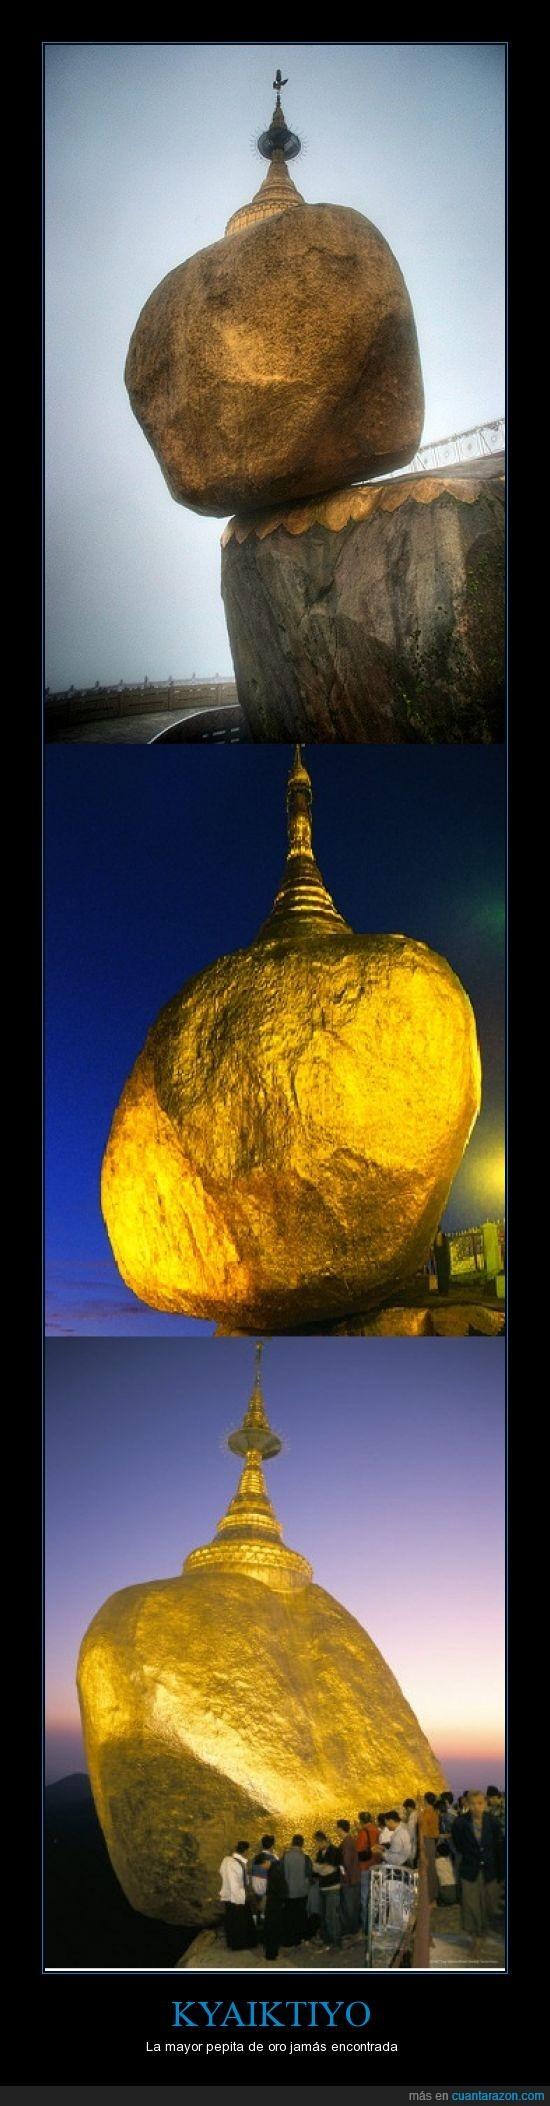 enorme,grande,kyaiktiyo,pecado,roca de Oro